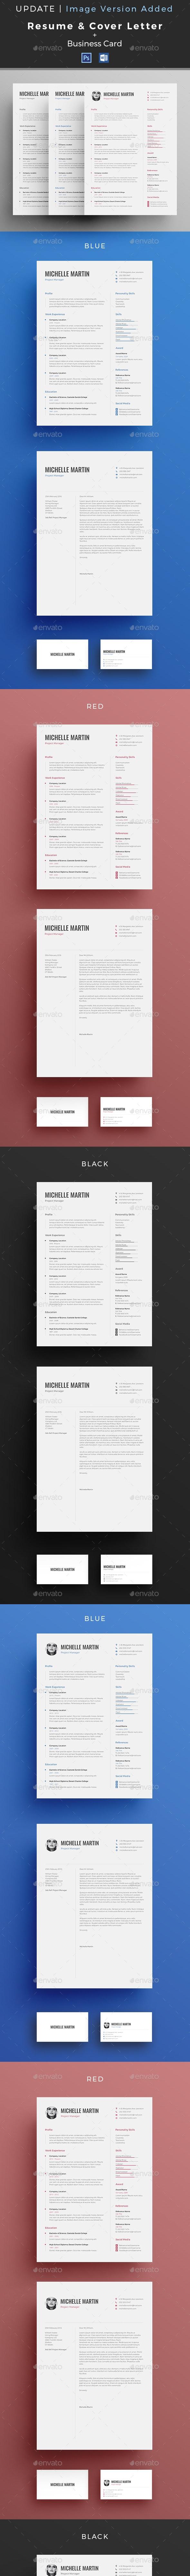 Resume | CV - Resumes Stationery